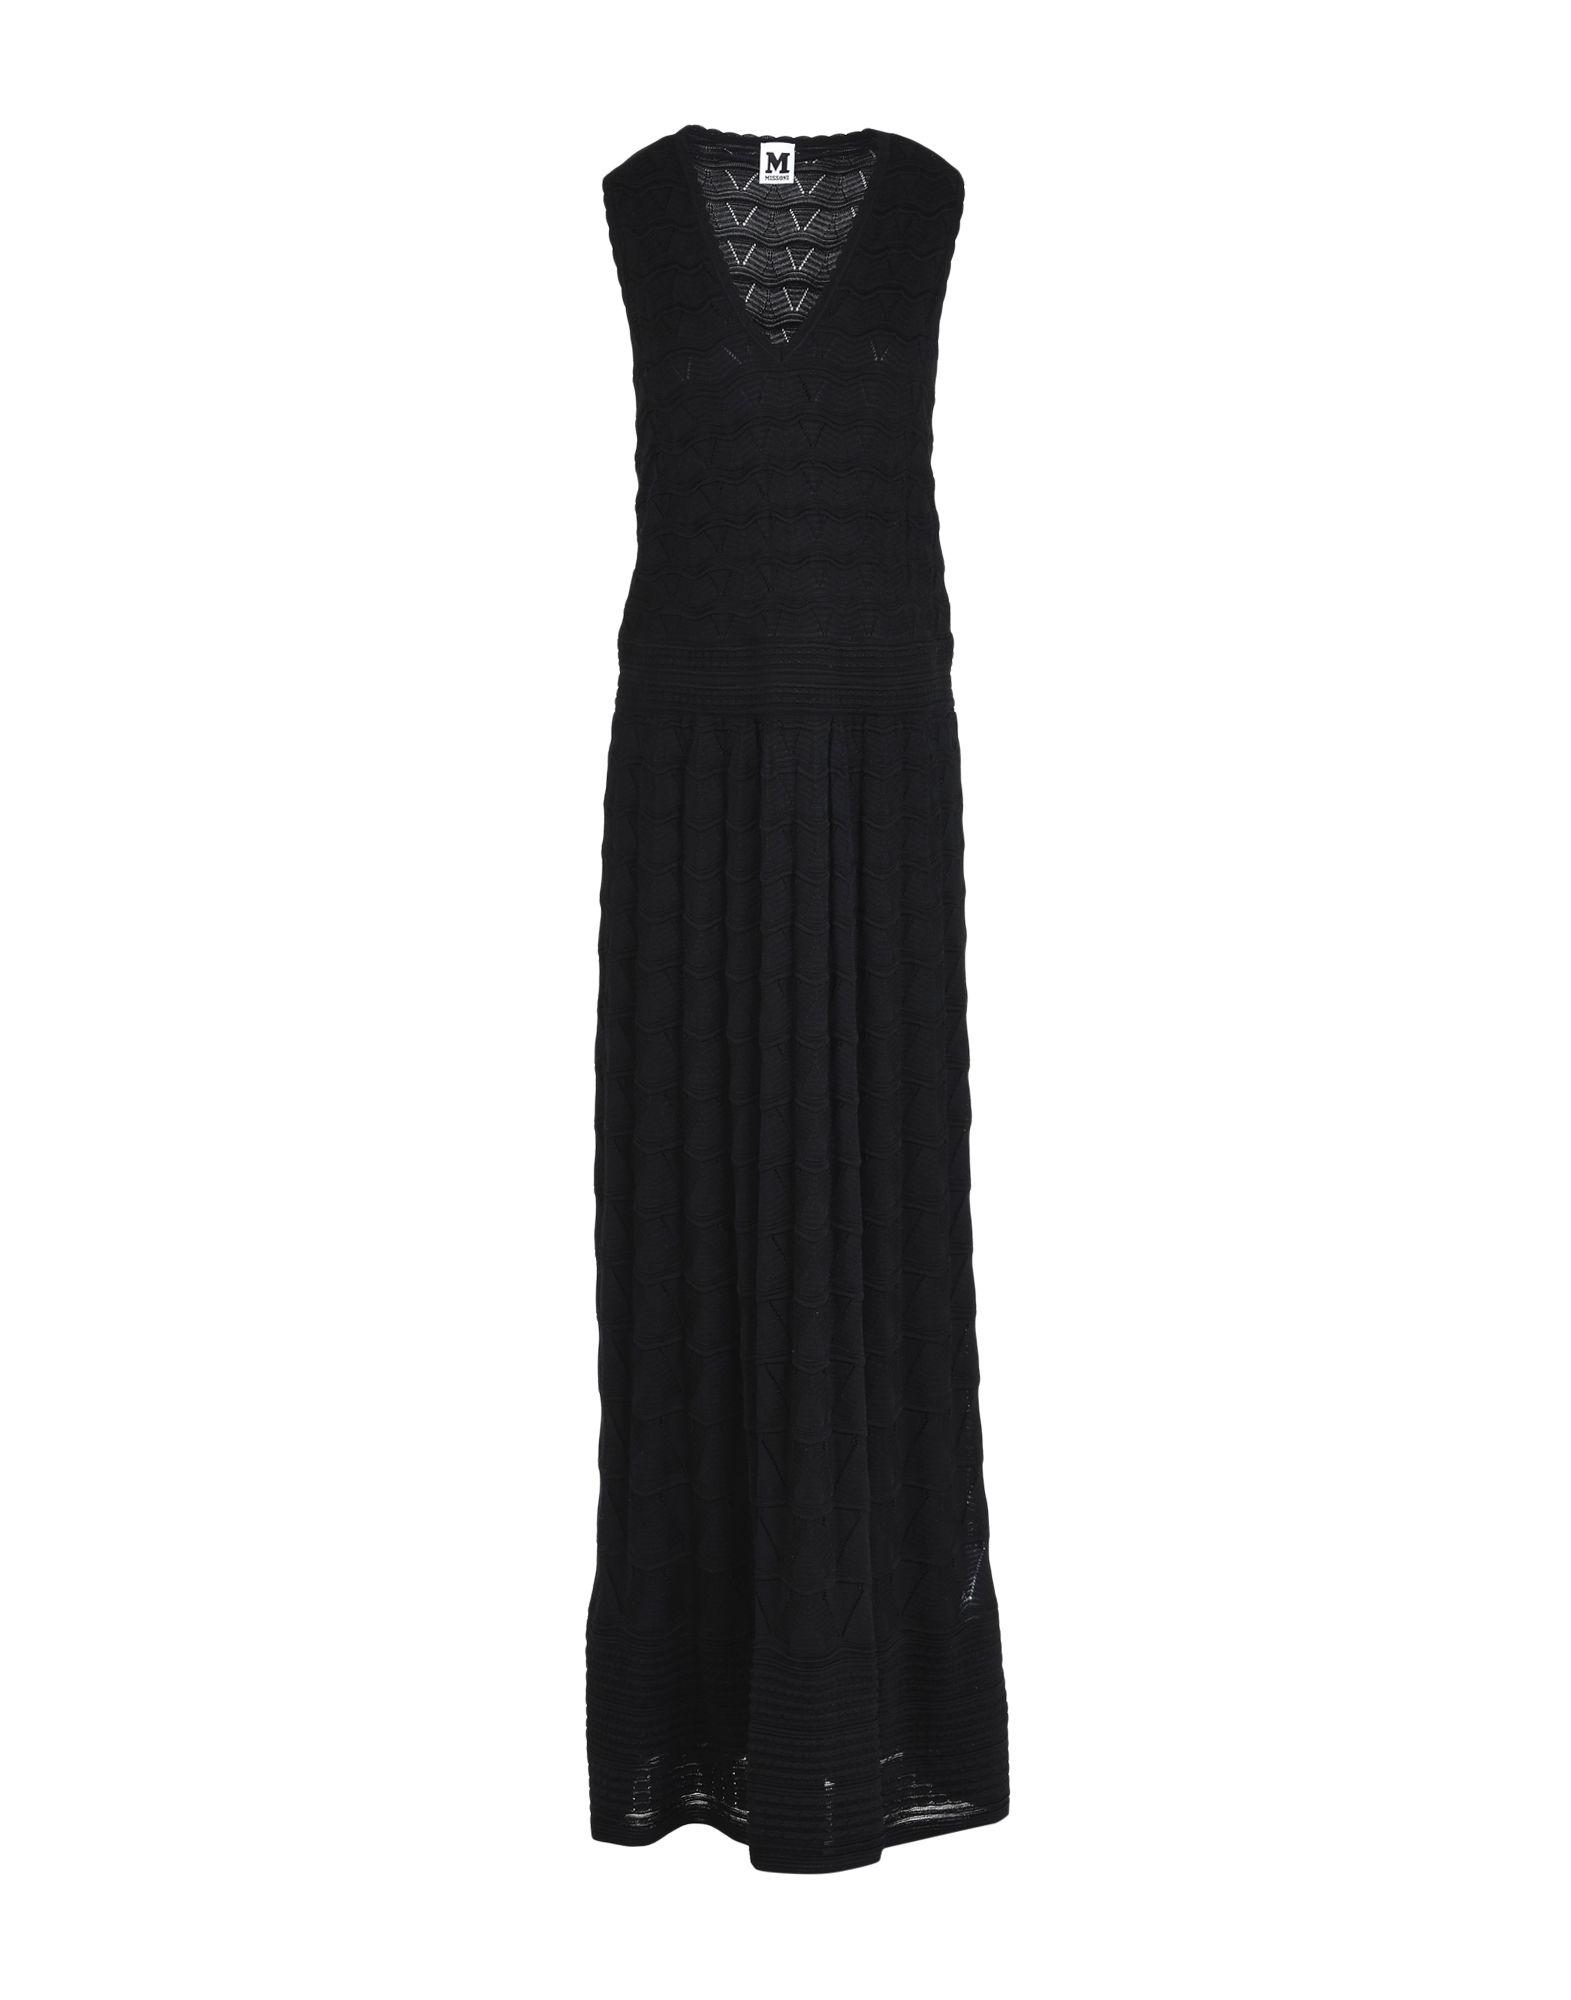 M MISSONI Длинное платье m v maglieria veneta длинное платье